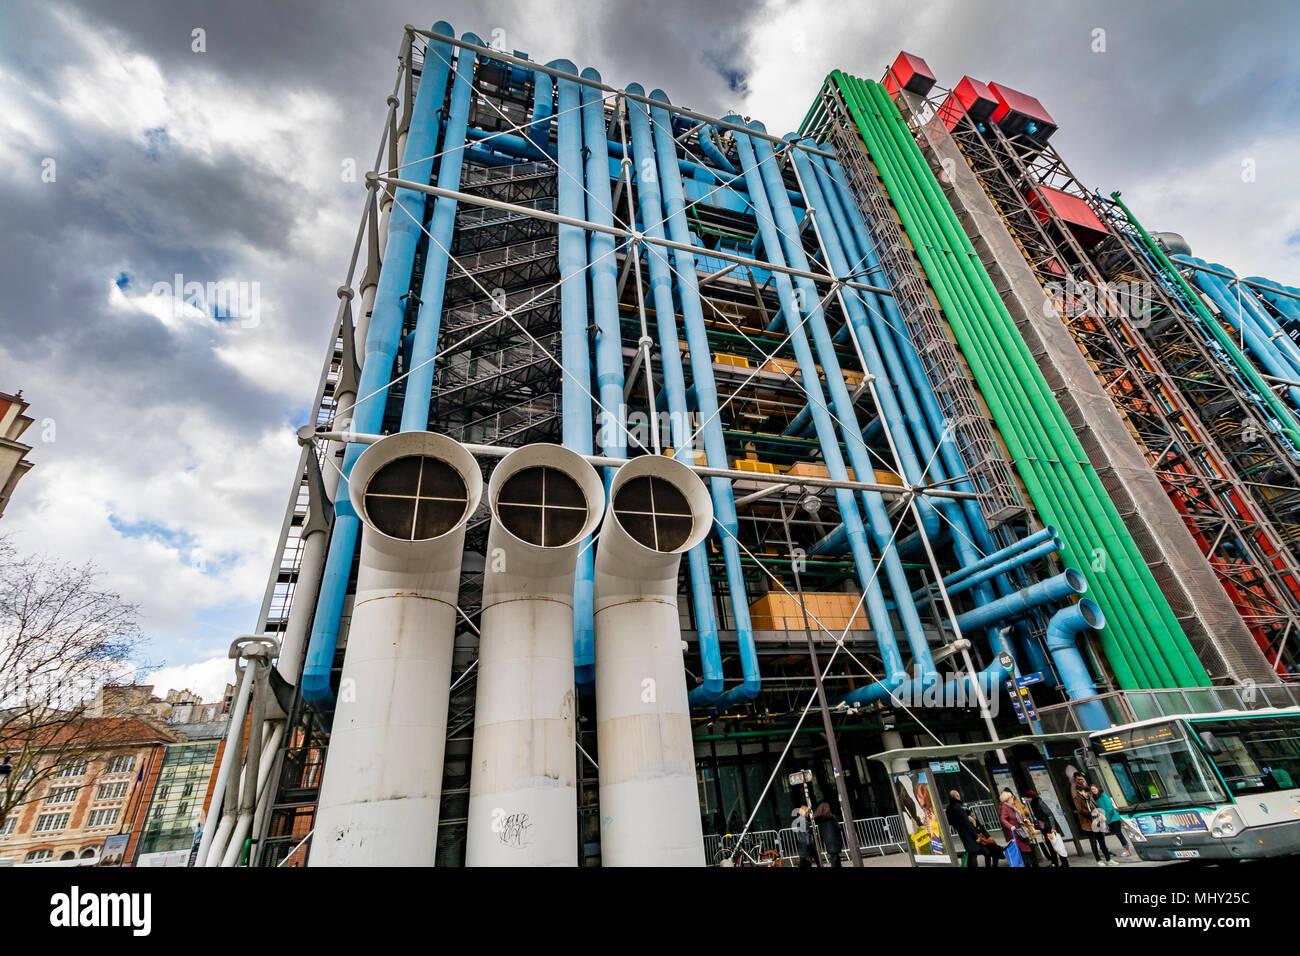 Colores primarios y las tuberías expuestas y airducts del Centro Georges Pompidou de París ,,Francia Imagen De Stock